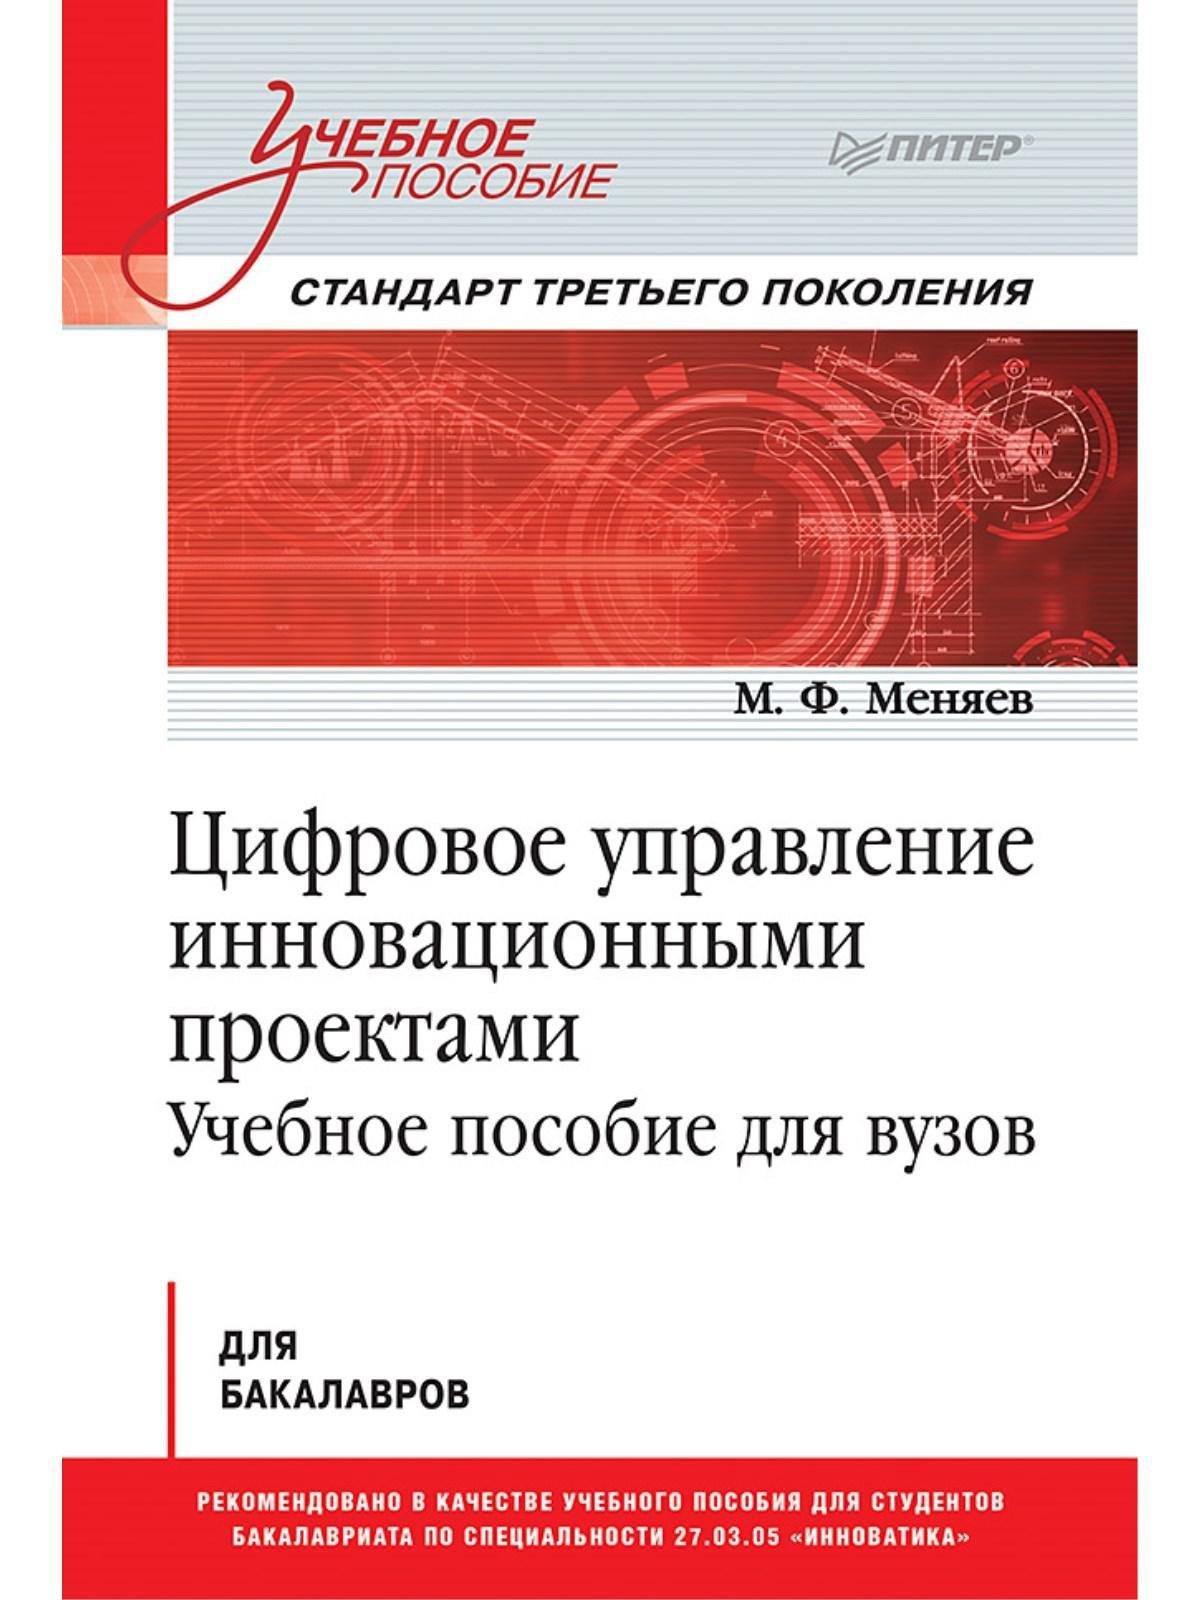 Цифровое управление инновационными проектами. Учебное пособие для вузов